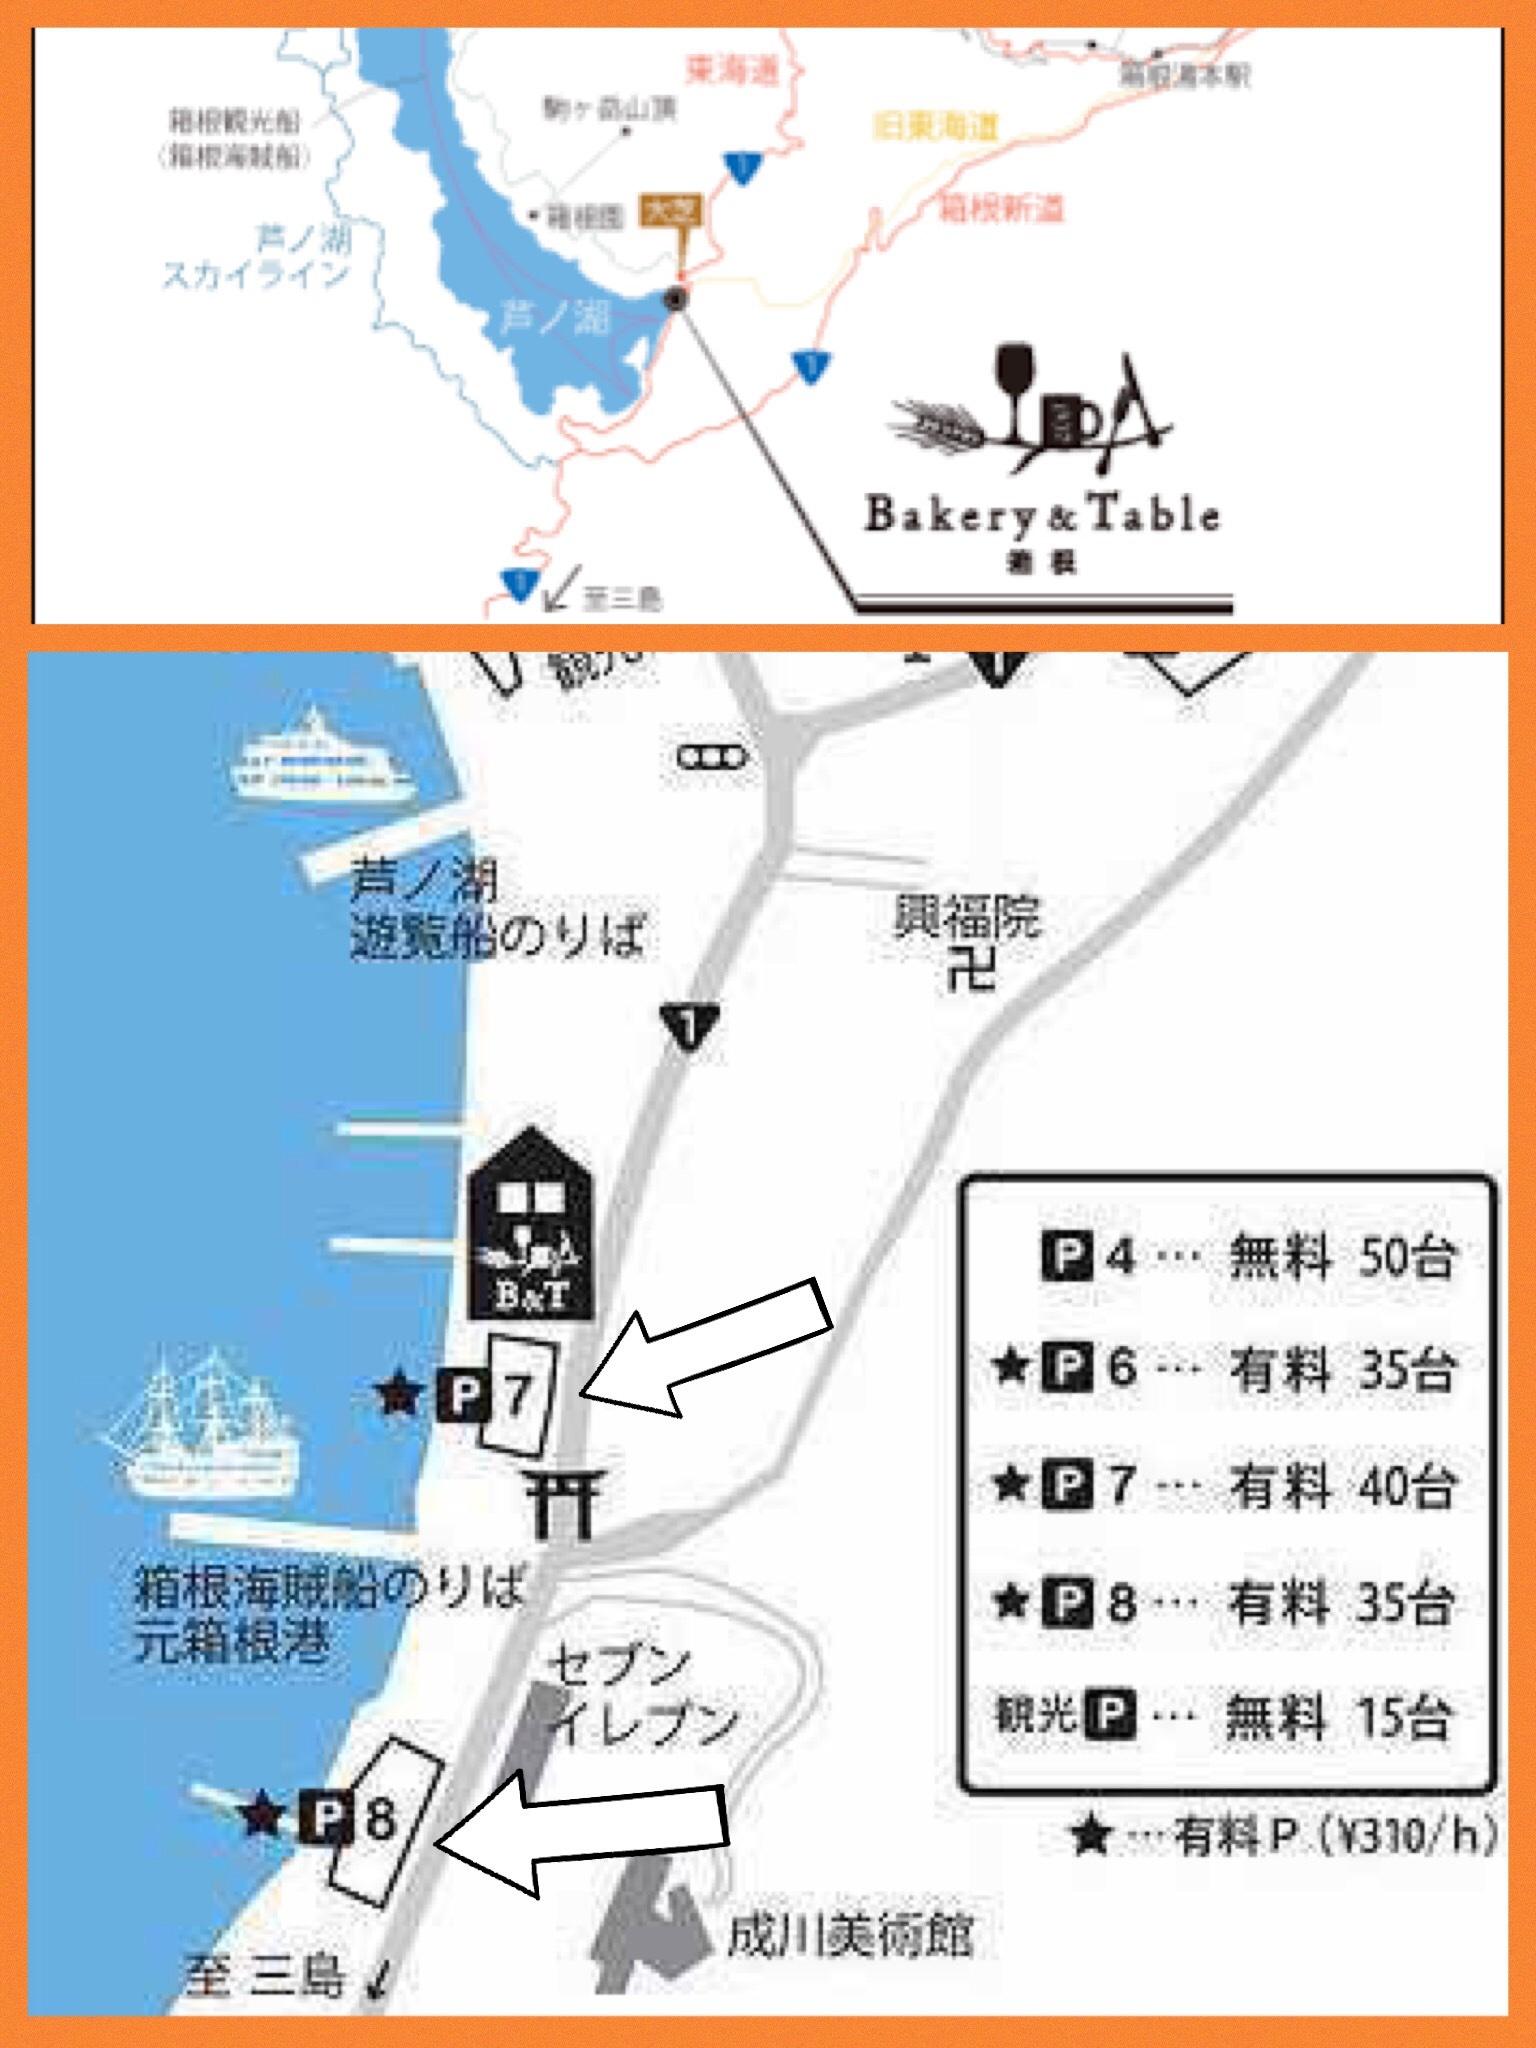 元箱根 ベーカリーアンドテーブル箱根地図 bakery & table